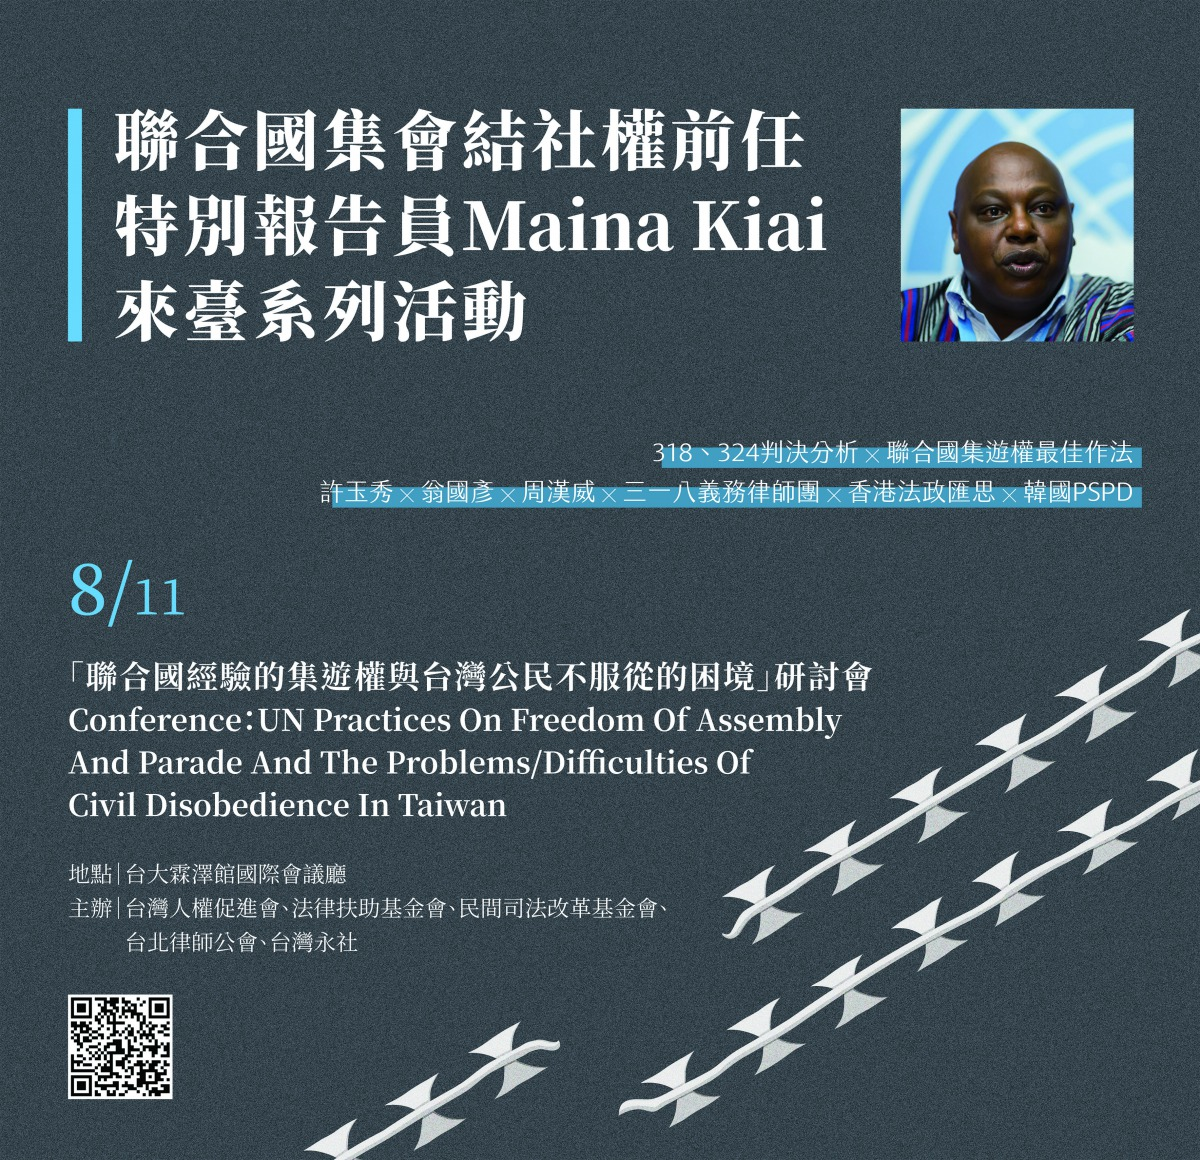 《聯合國經驗的集遊權與台灣公民不服從的困境》研討會